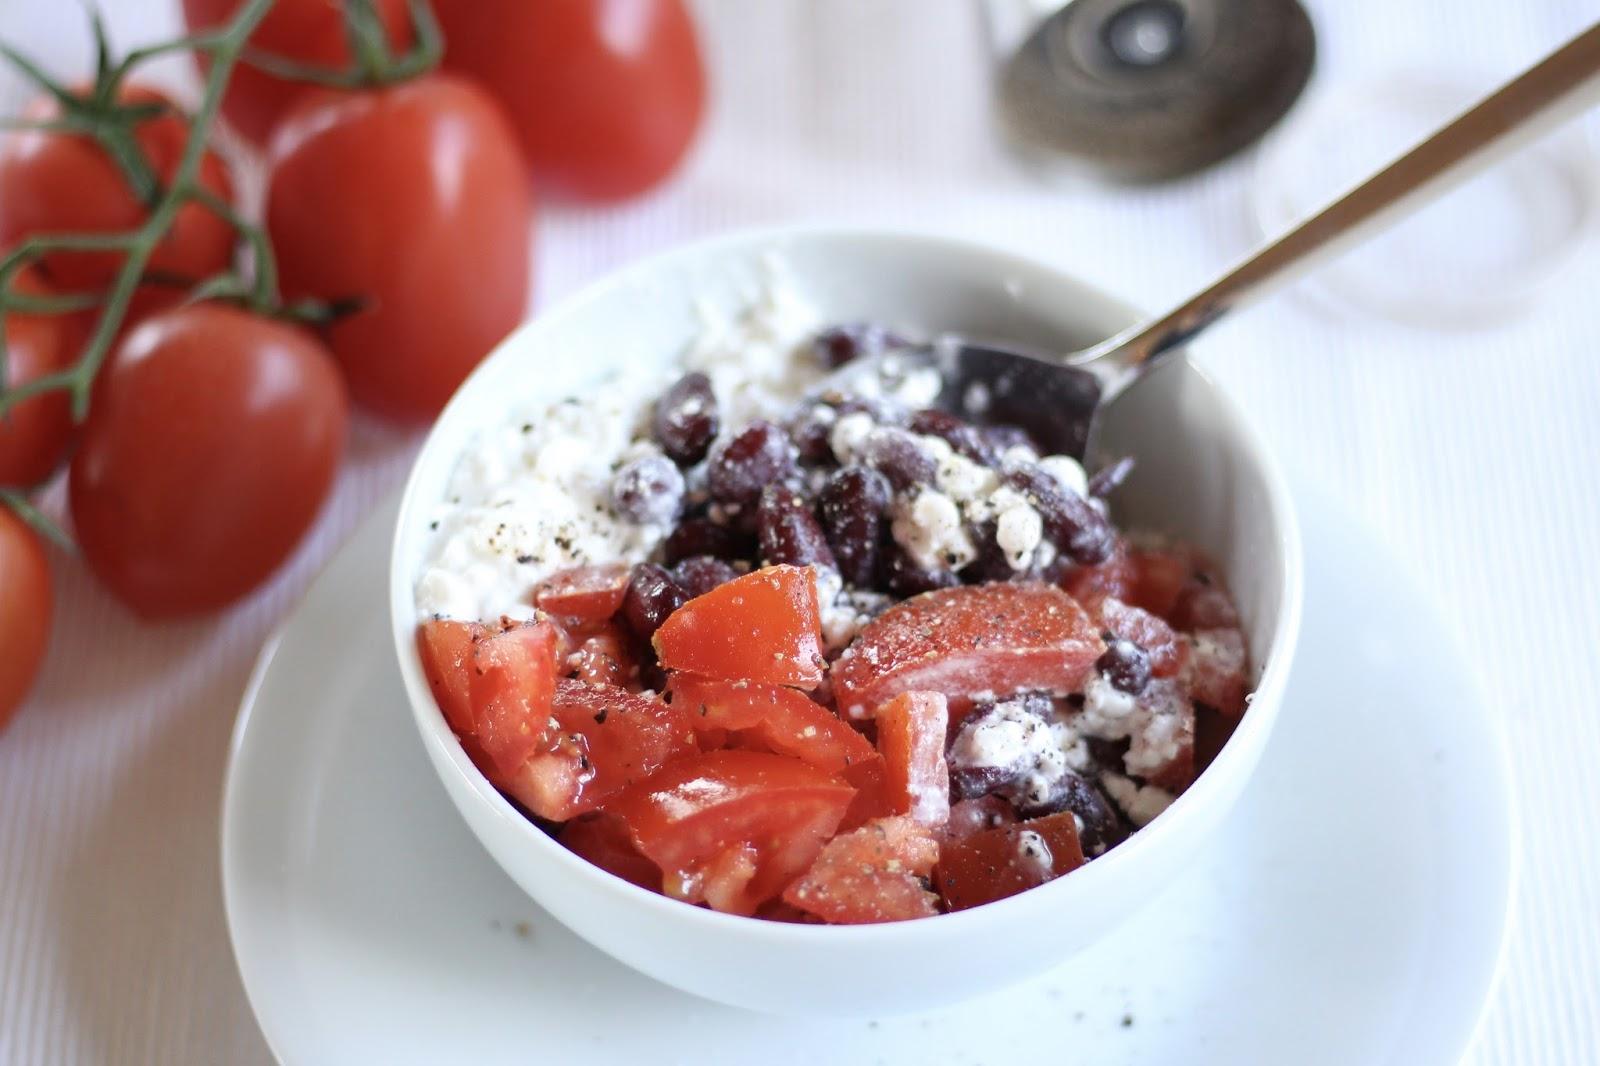 Wochenplan für eine super sonnige Aprilwoche - Speiseplan mit sieben Clean Eating Rezepten